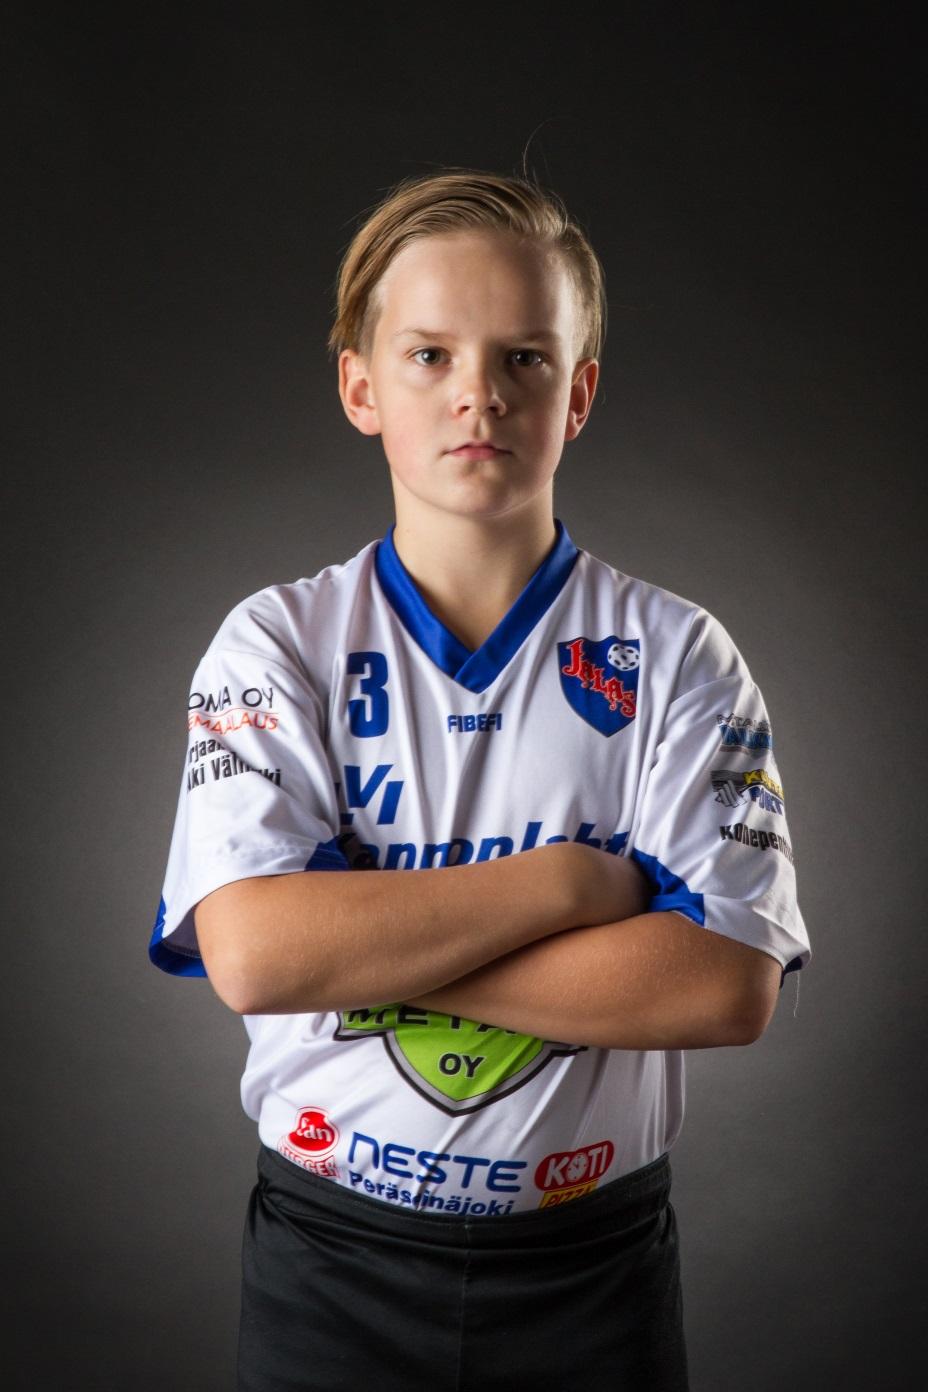 #3 Joonas Kurikkaoja